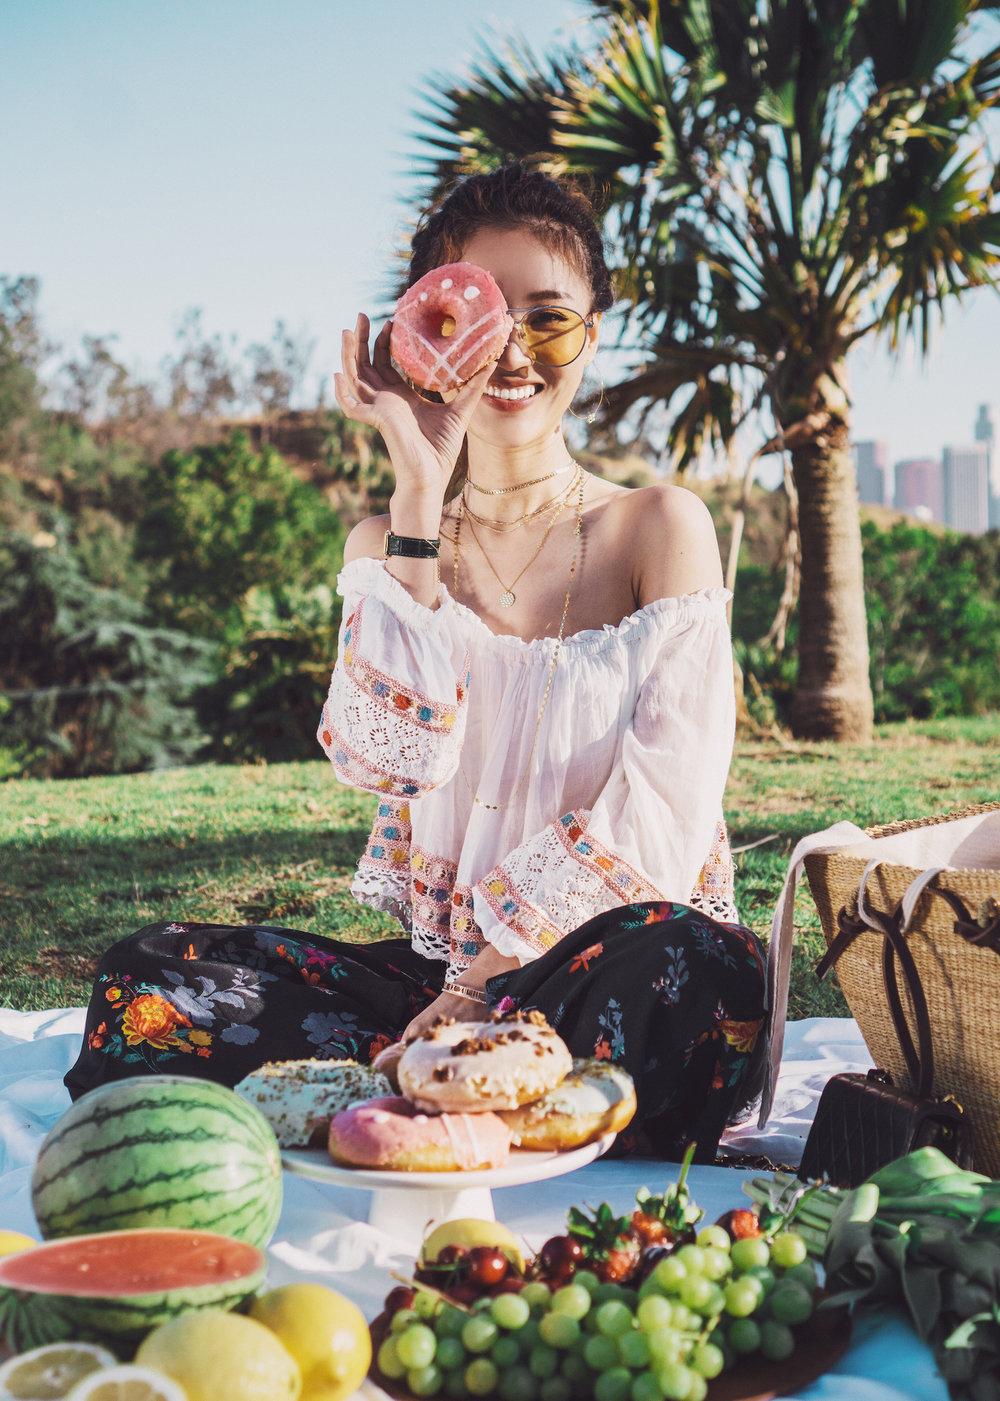 买一束花、带一盒甜甜圈,在公园的草地里来一场与春天的约会。想家了就看看眼前的景色、忆起大洋彼岸的高楼、沉浸在夕阳余晖般金色的情怀里。